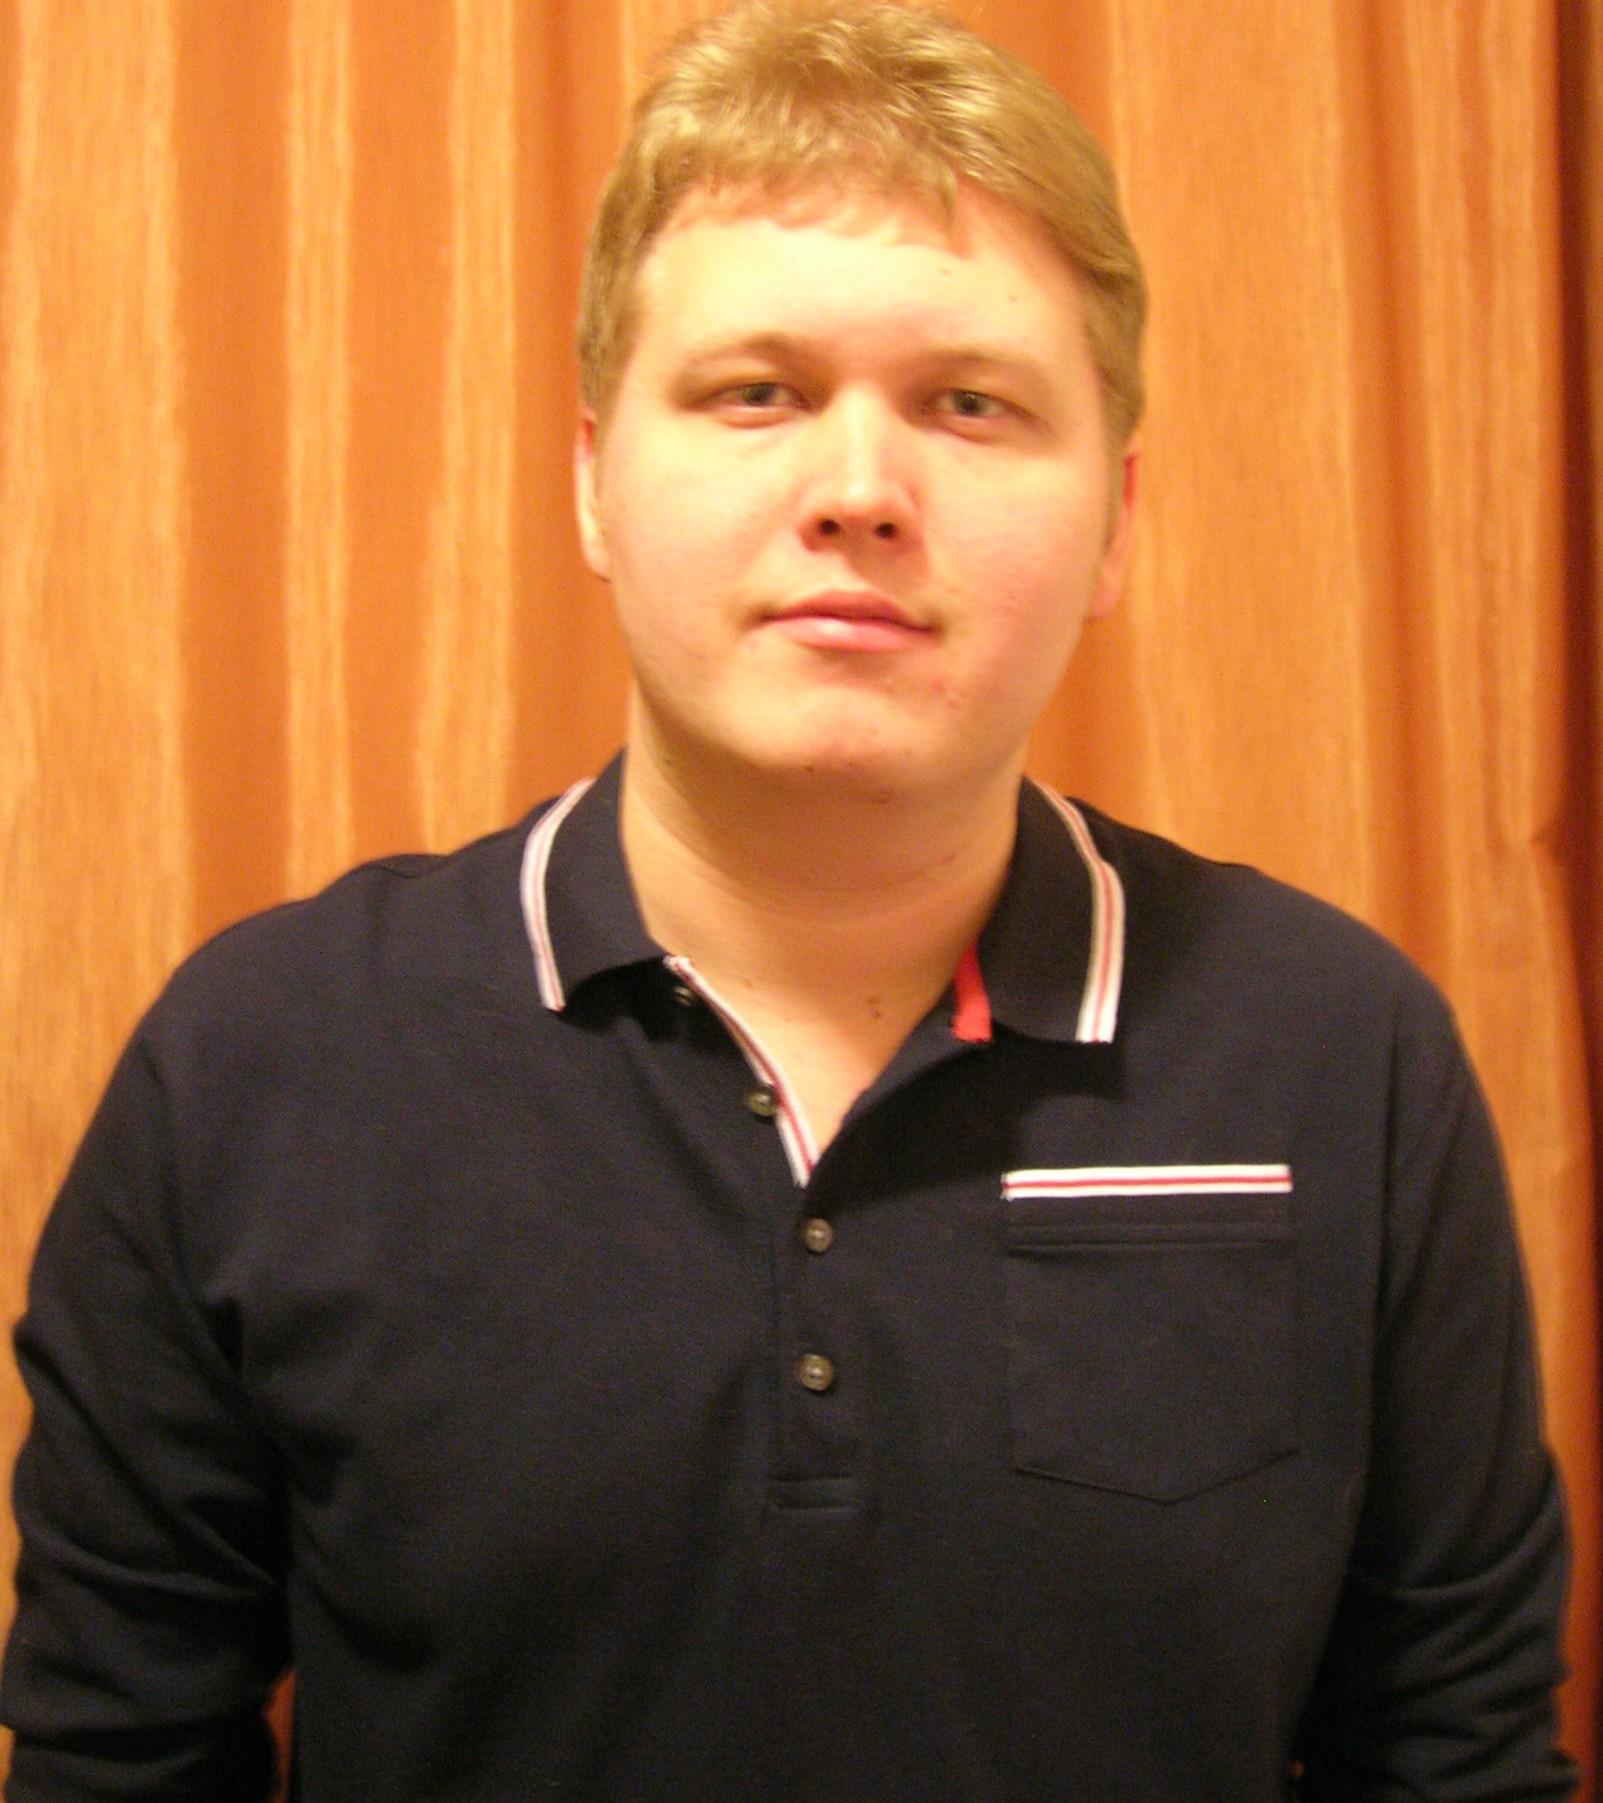 православные знакомства без регистрации челябинск